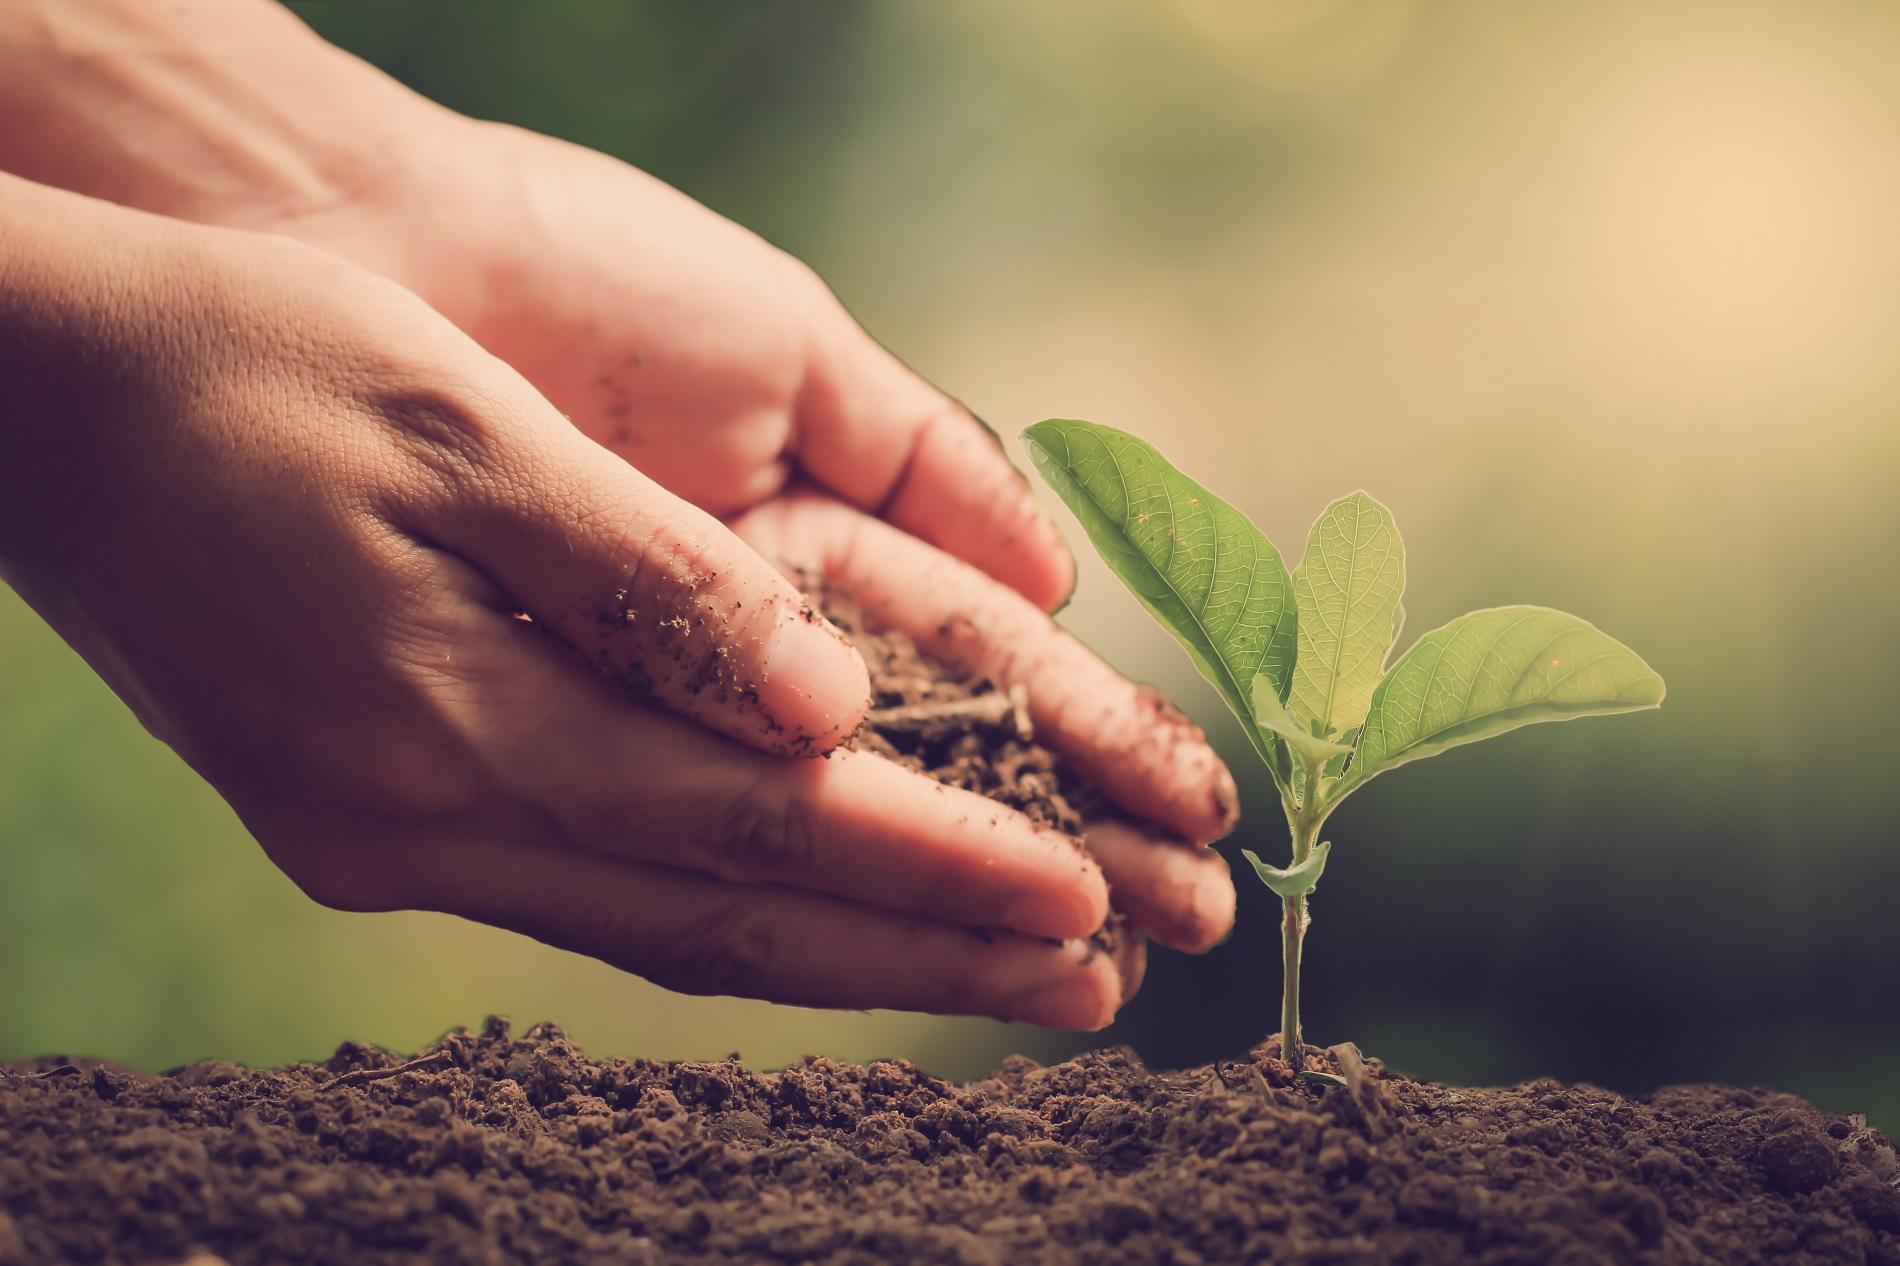 Las buenas prácticas agrícolas como factor clave esencial para el progreso de nuestra sociedad